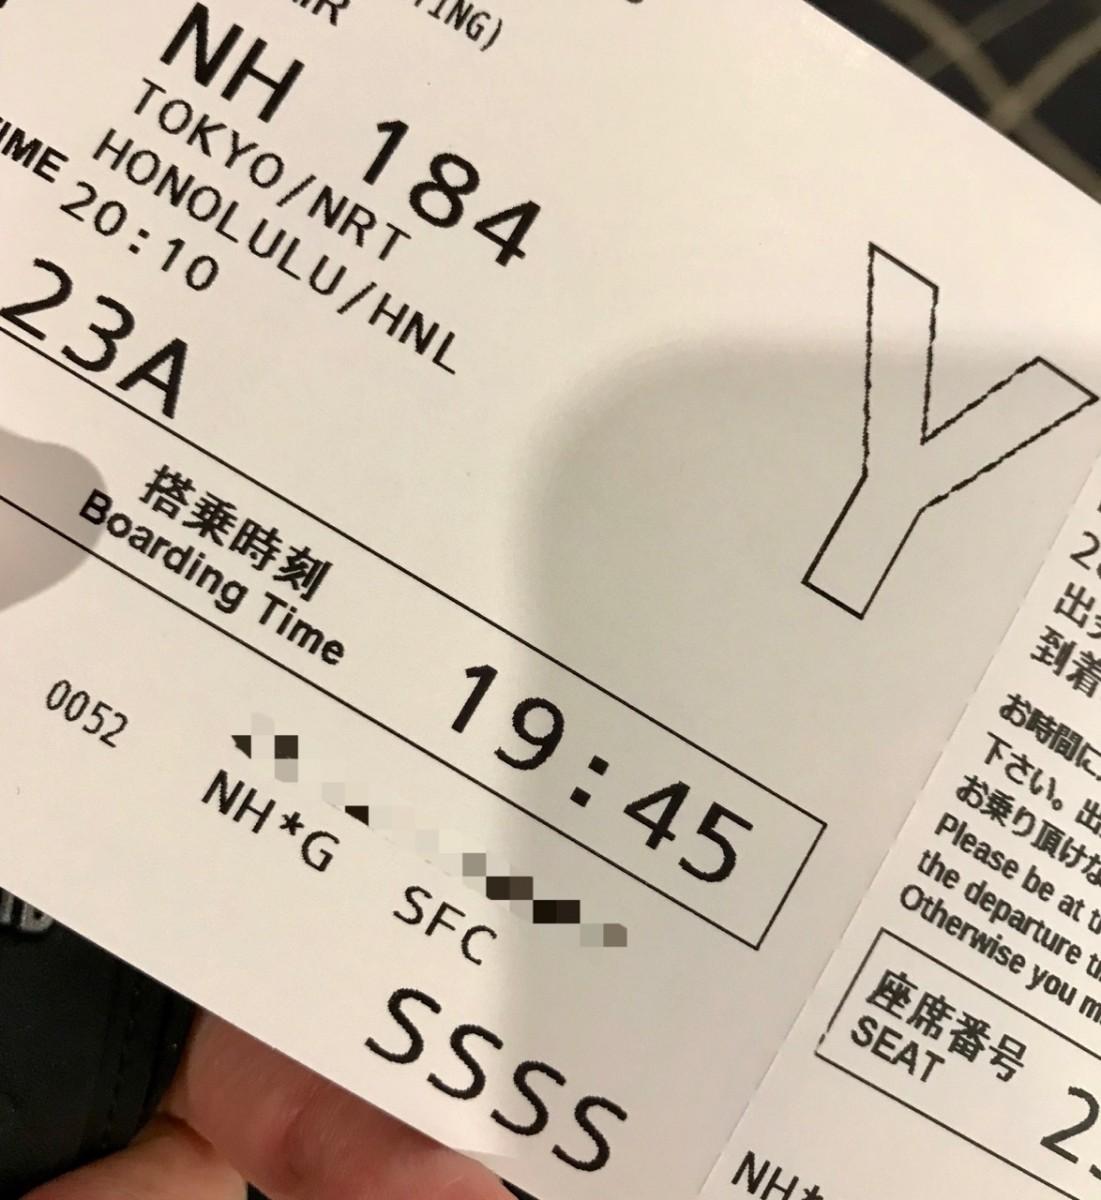 搭乗券にSSSS(4S)という文字が印字されたらどうなるの?